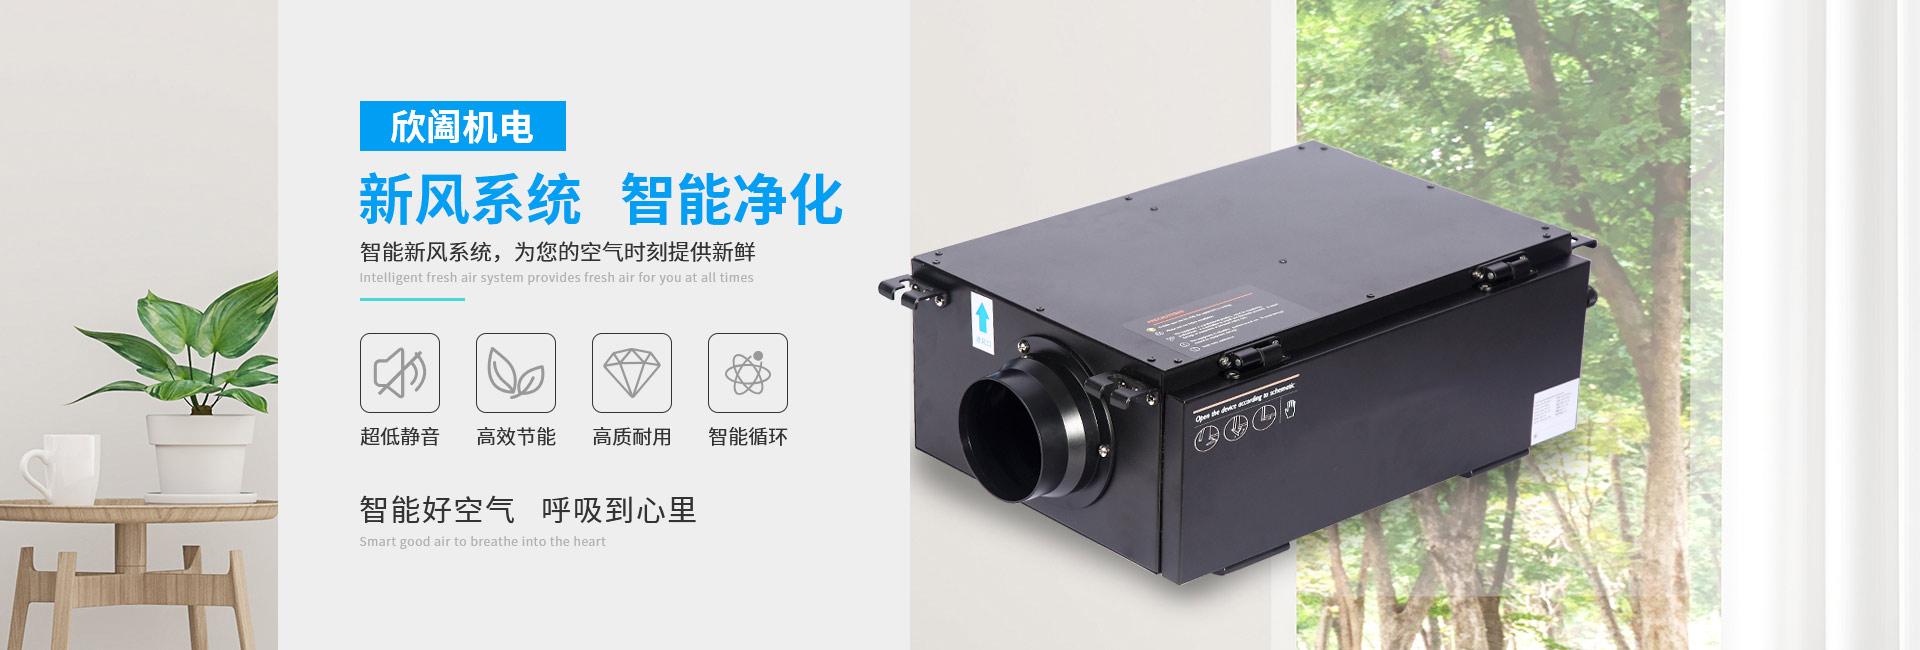 云南新风系统